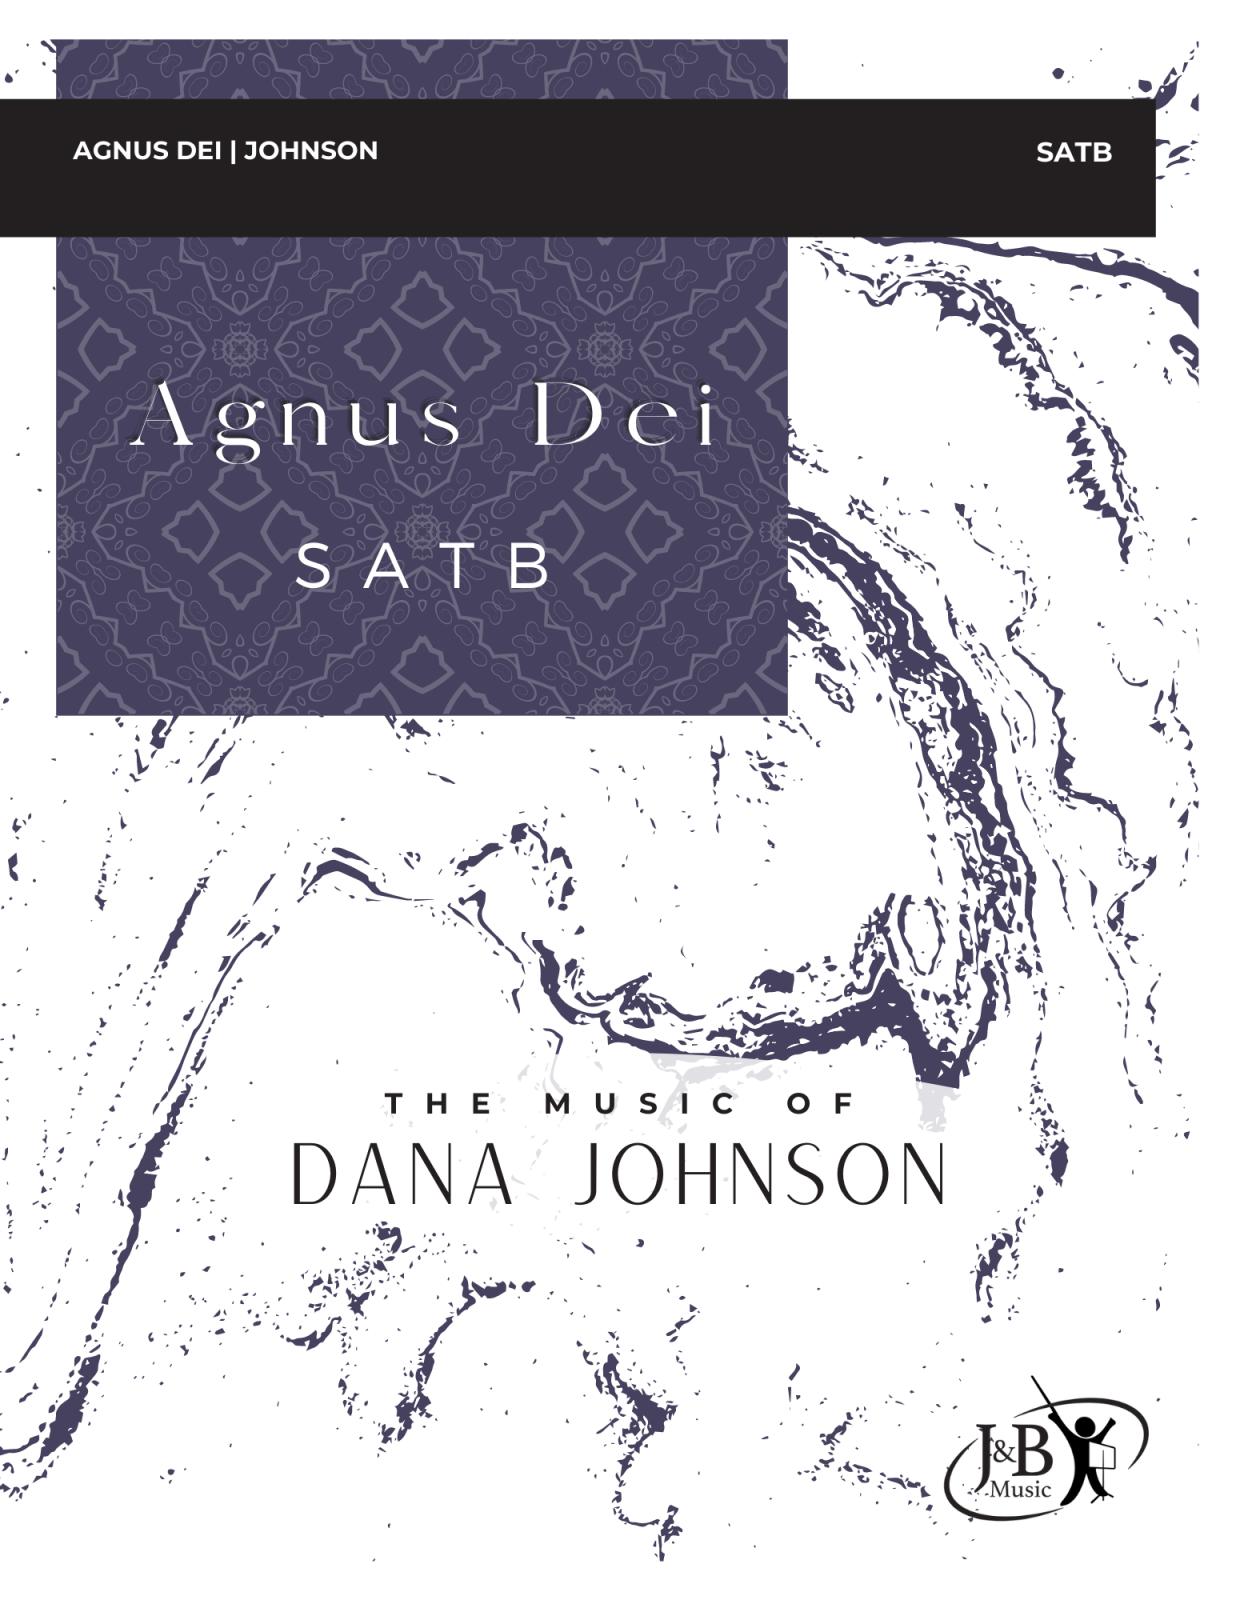 Agnus Dei | Dana Johnson